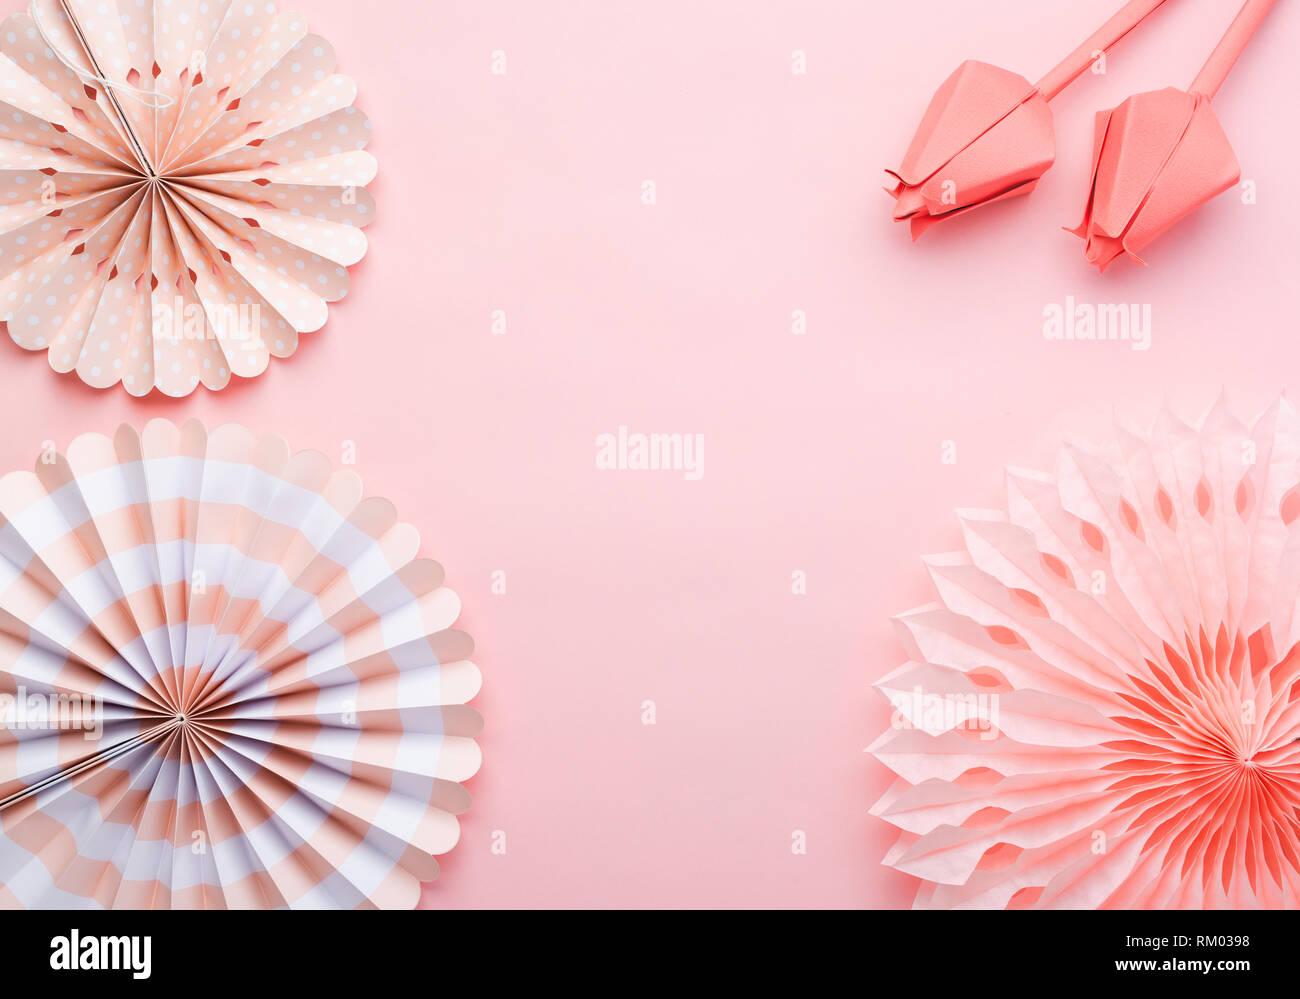 Le papier chinois fans de couleurs pastel rose sur table, vue de dessus, l'espace de copie de texte, de la mise au point sélective. Fleurs en papier en corail vivant. Photo Stock